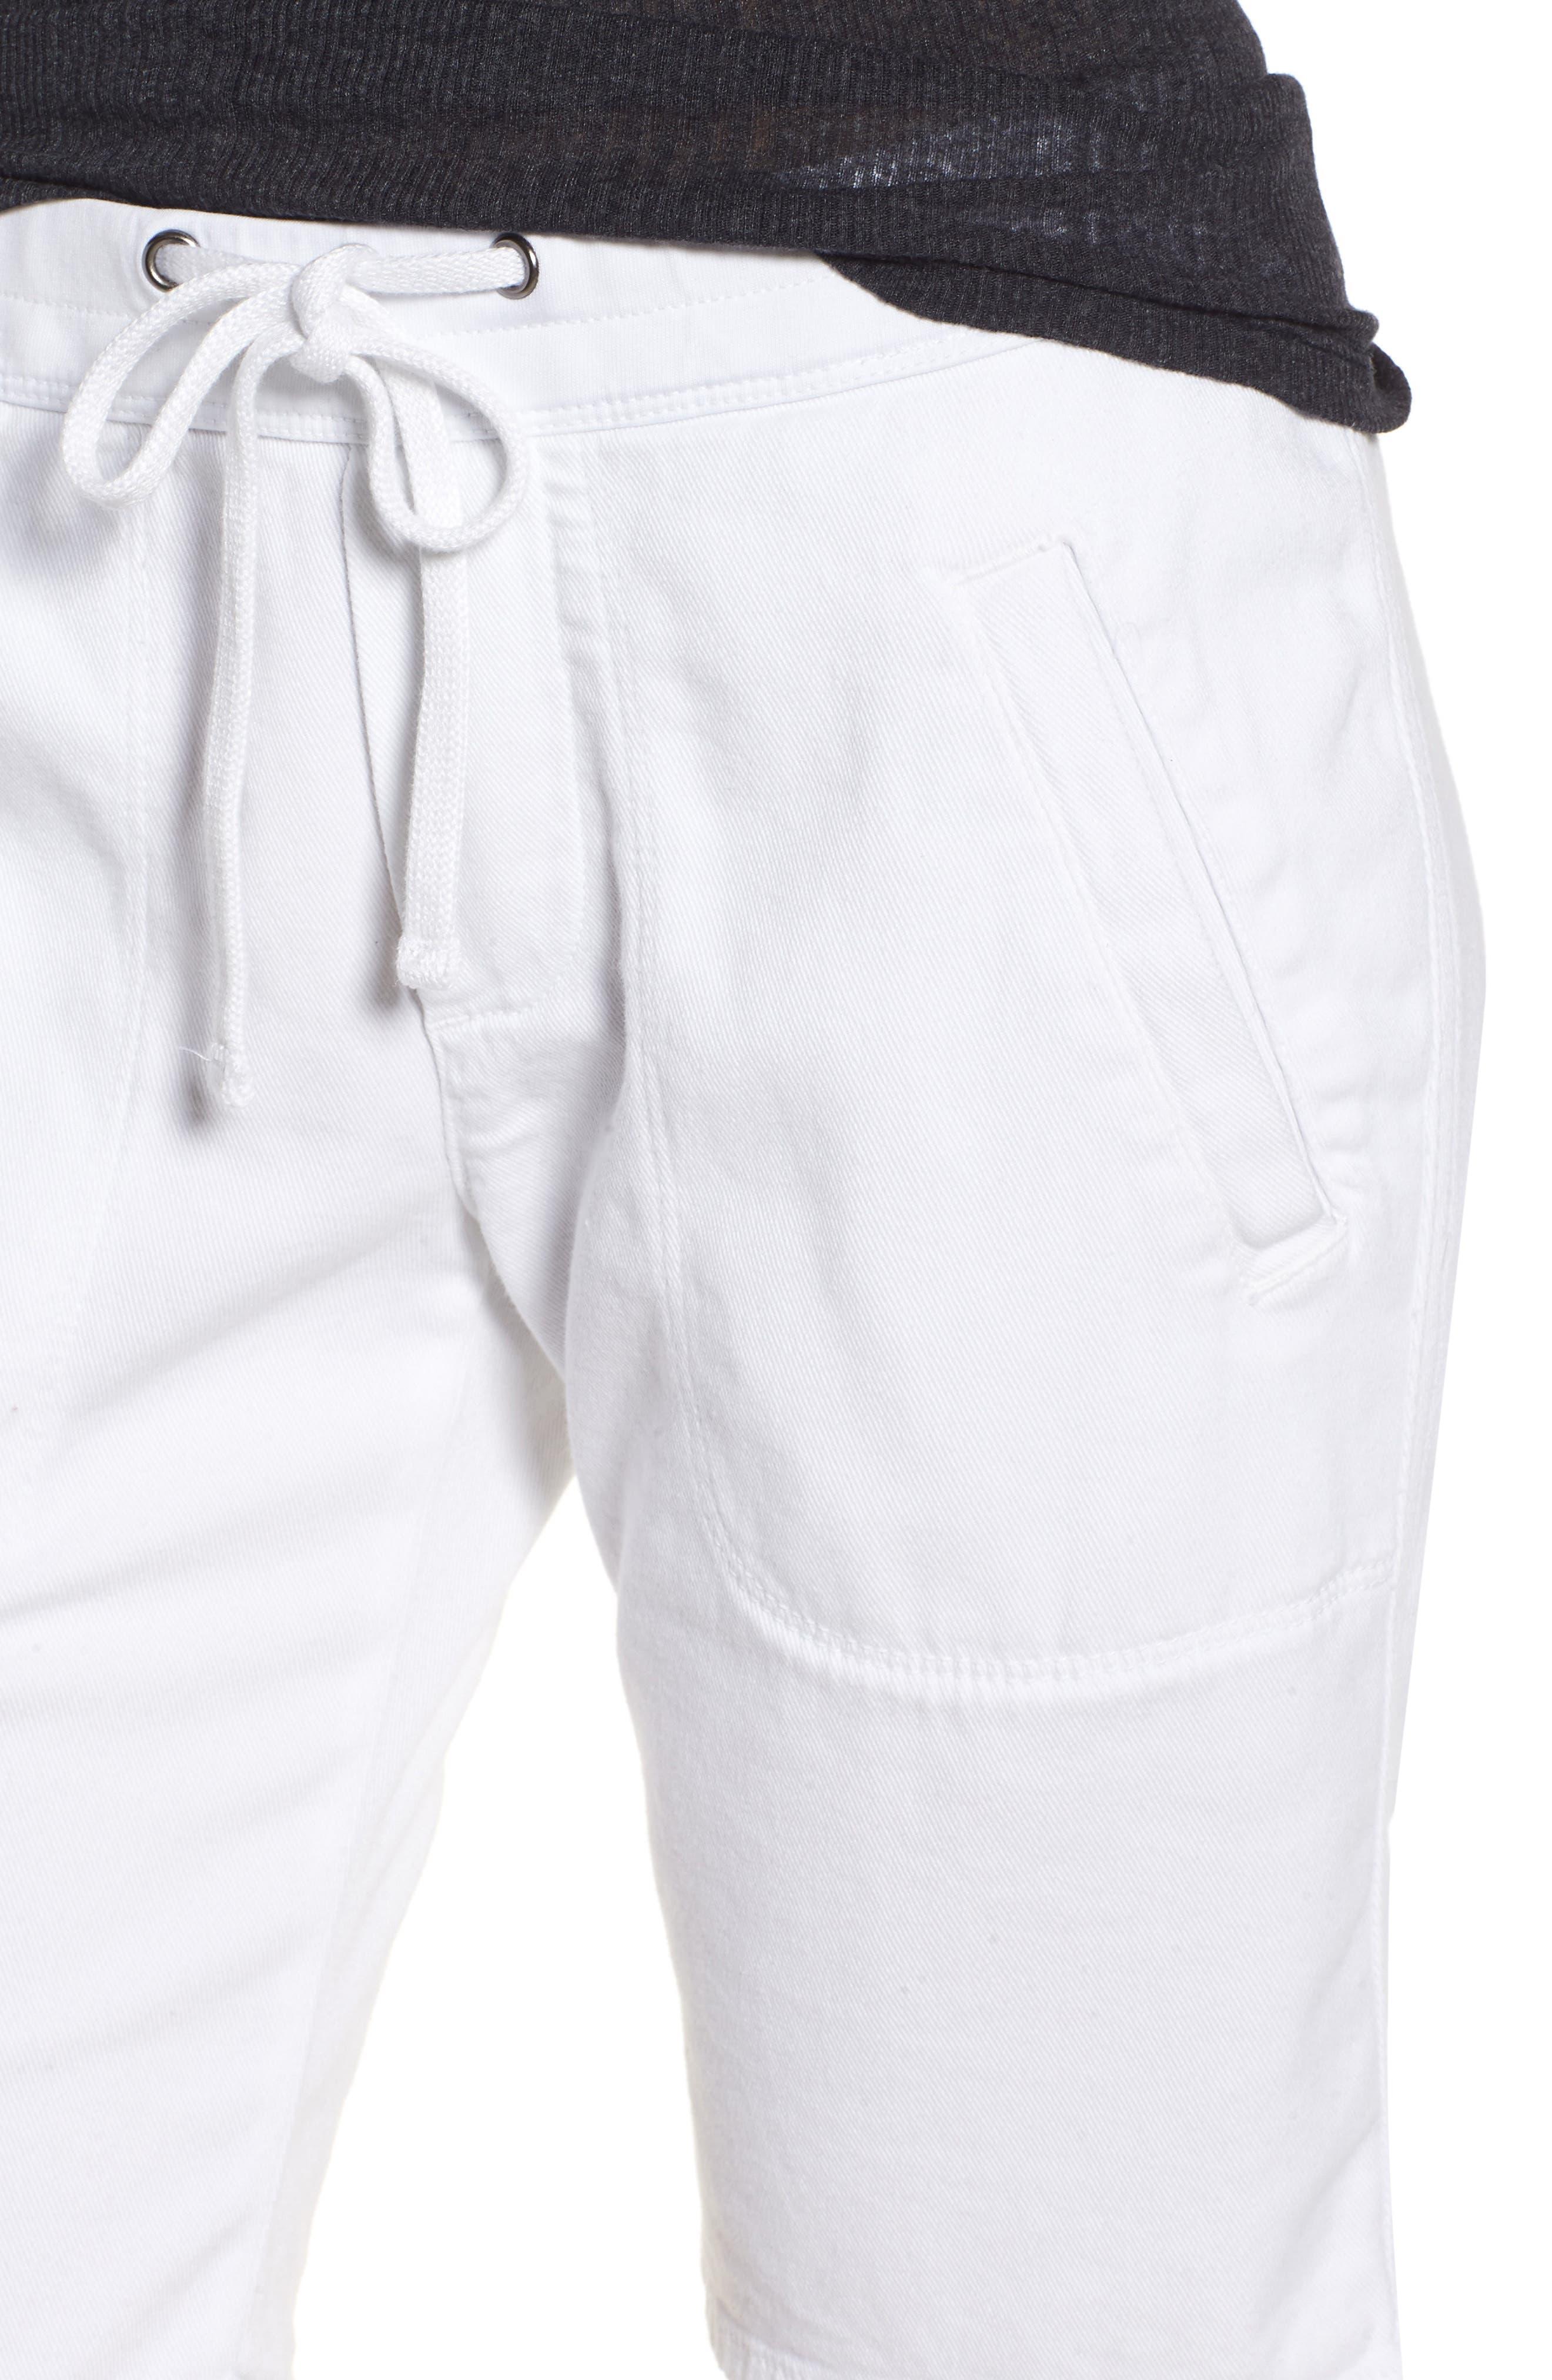 Soft Drape Utility Shorts,                             Alternate thumbnail 4, color,                             White